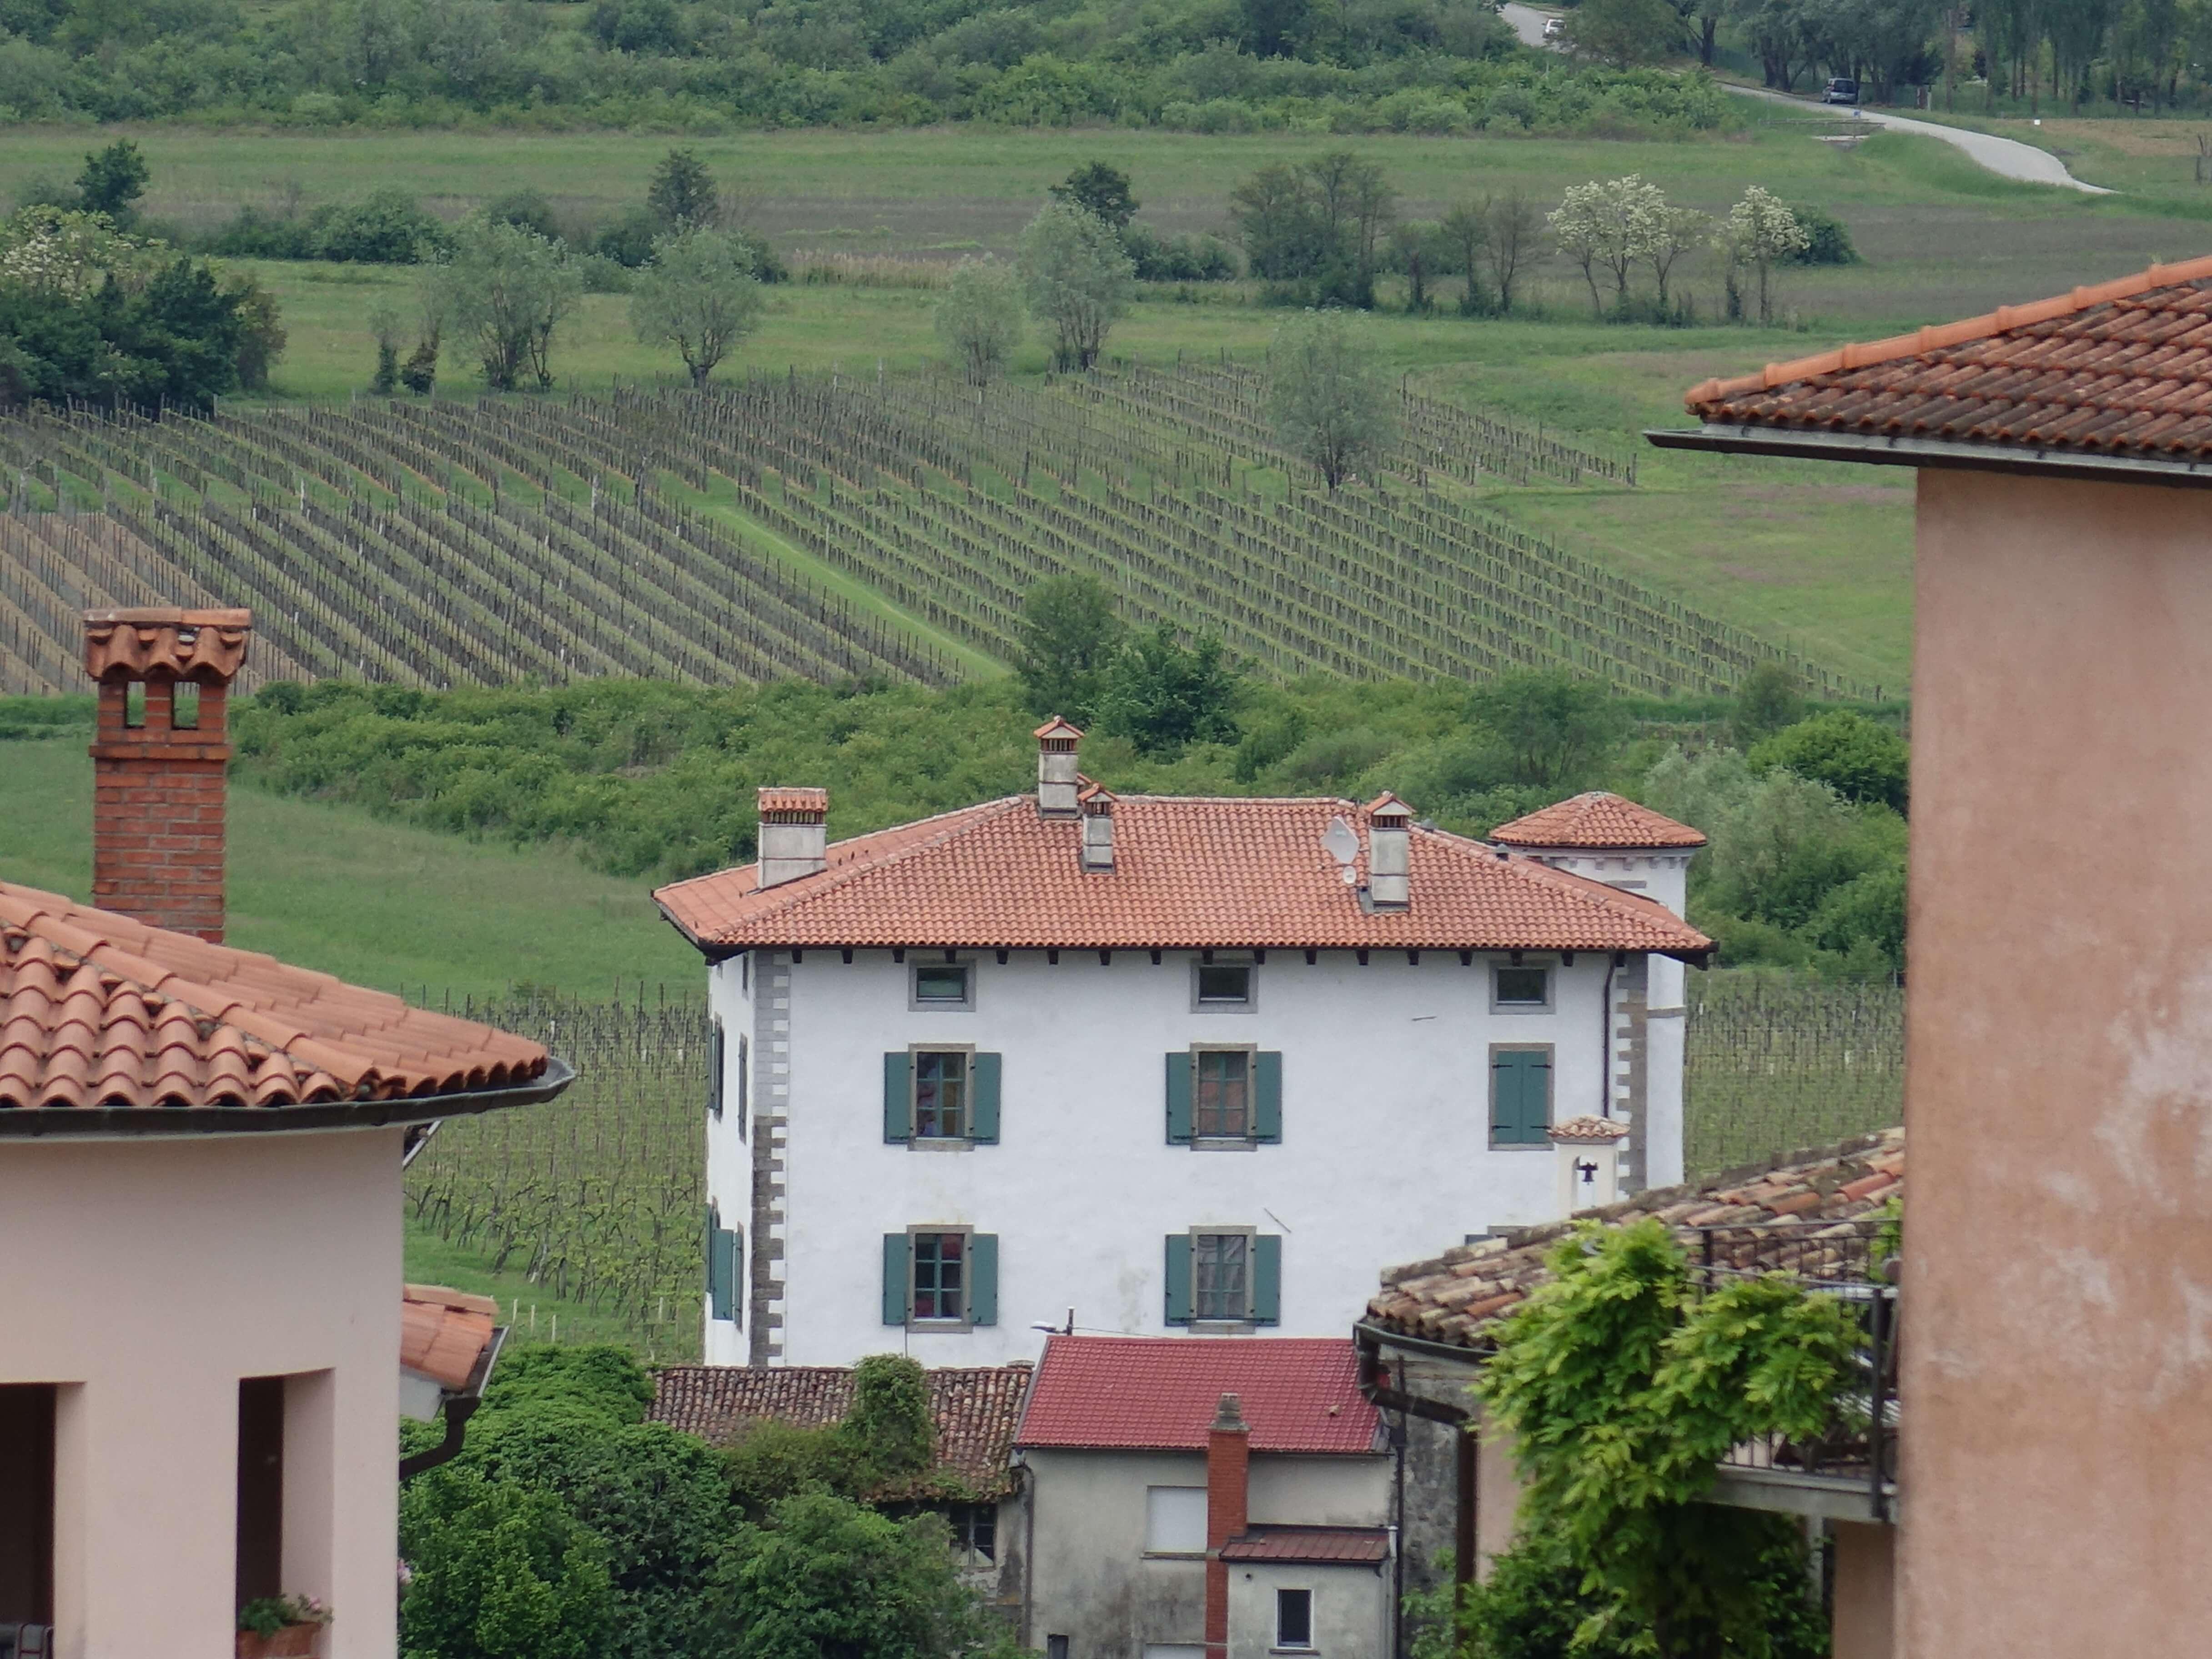 Bauernhaus vor Weinbergen